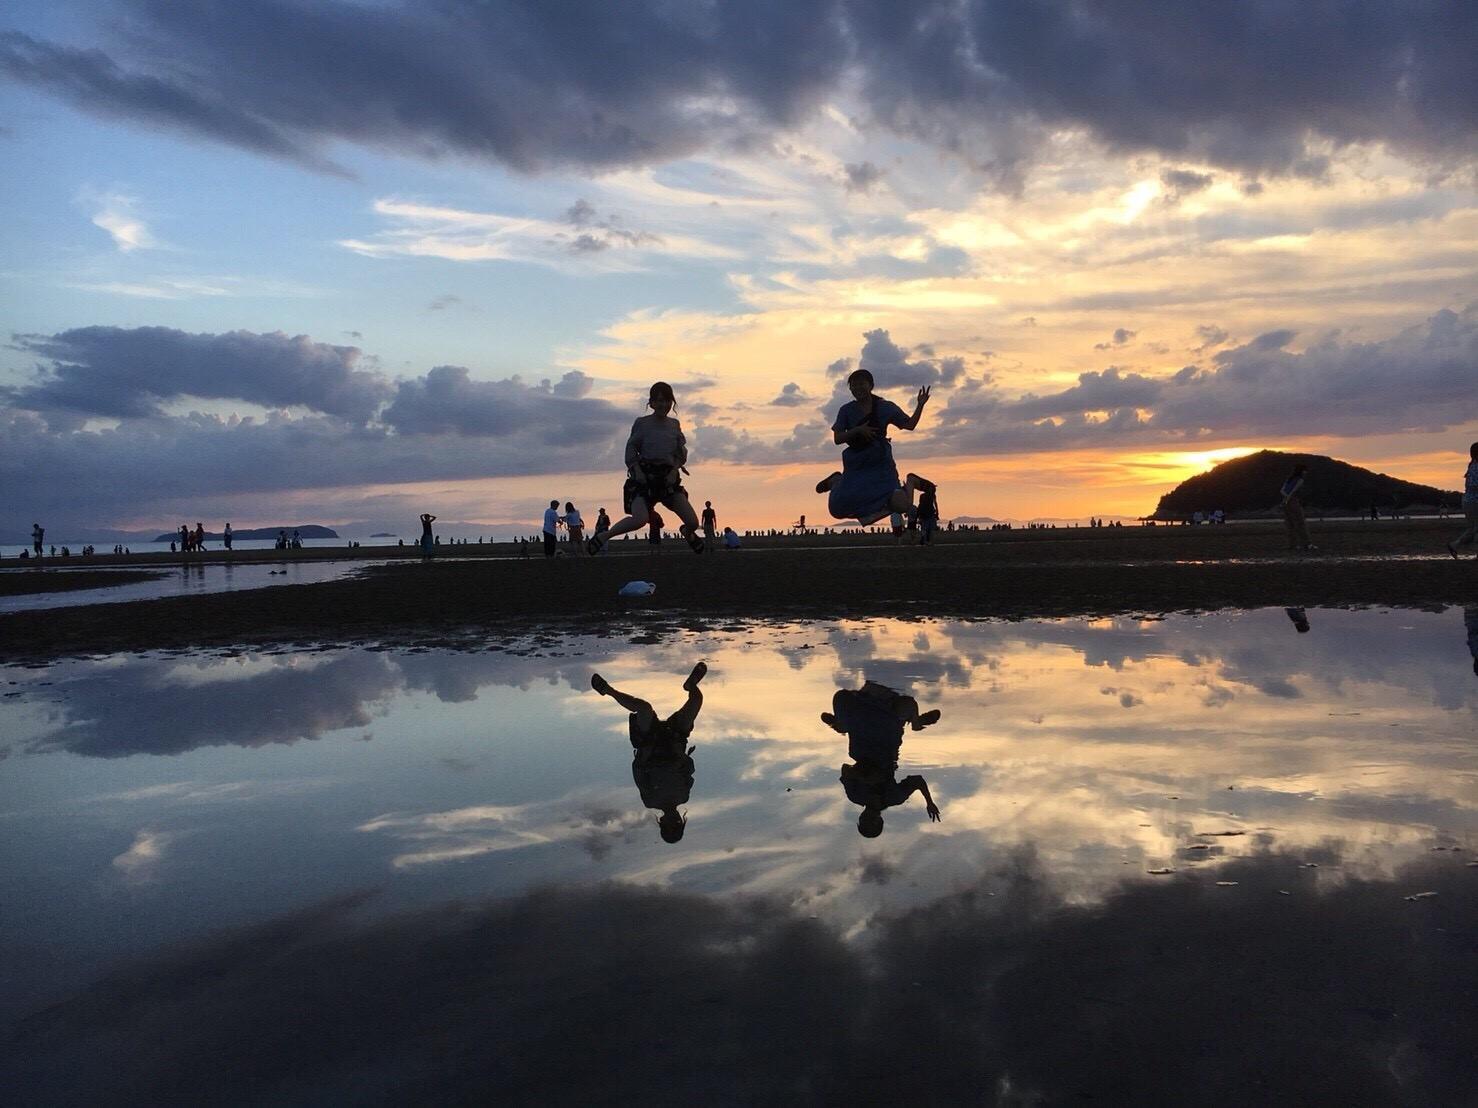 香川観光②父母ヶ浜で絶景フォトを♪